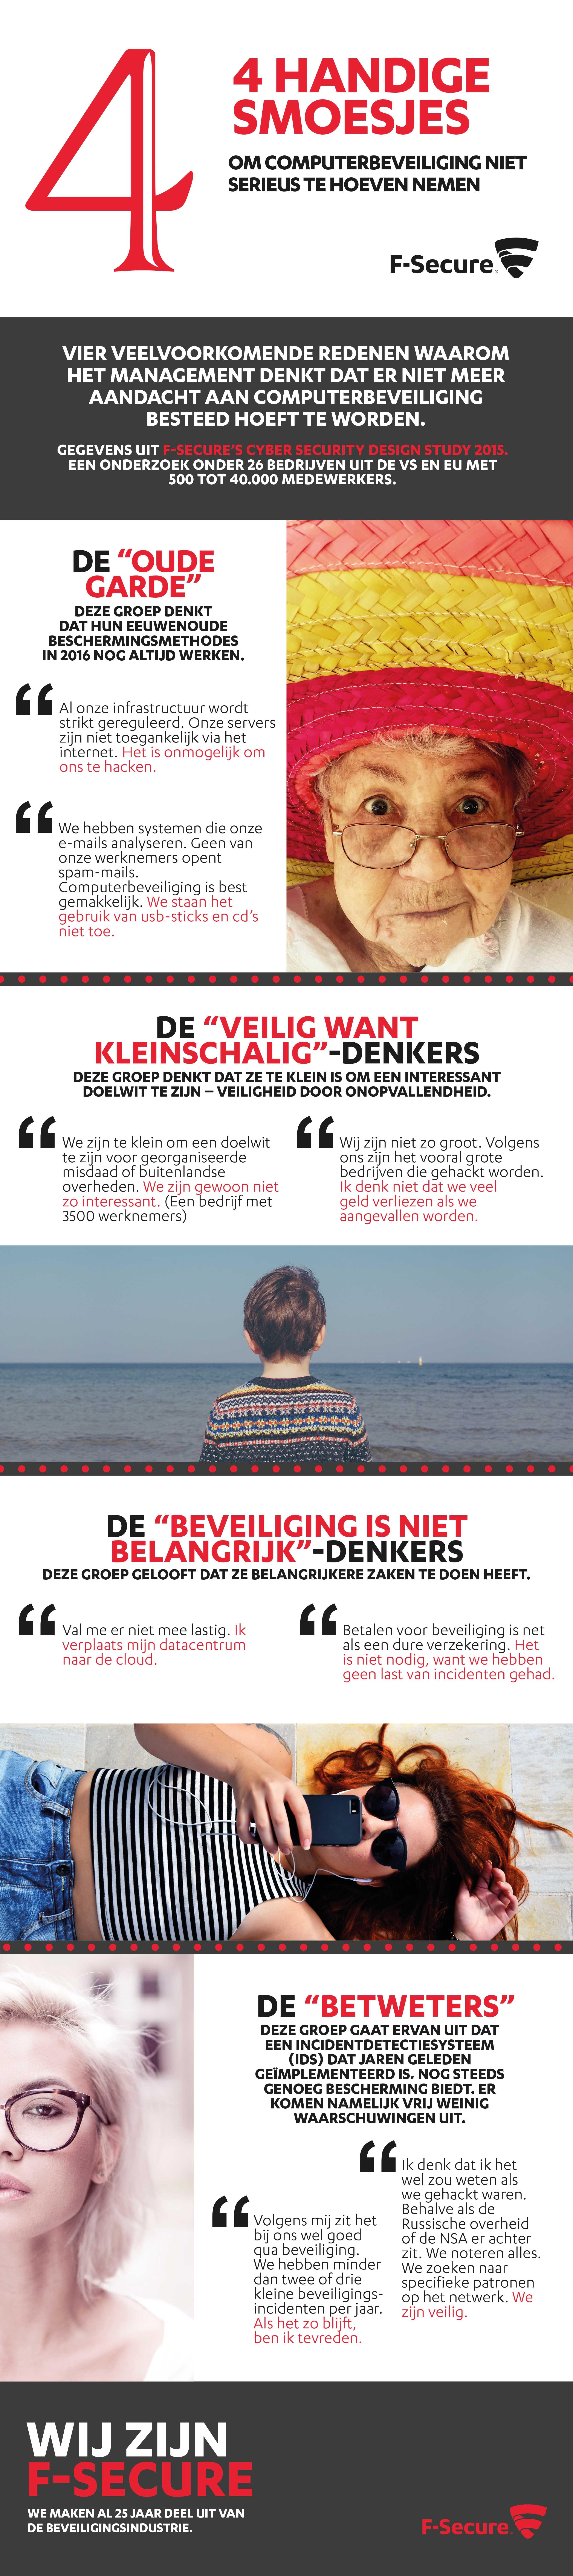 10548-fse-infographic-cyber-nl-v3